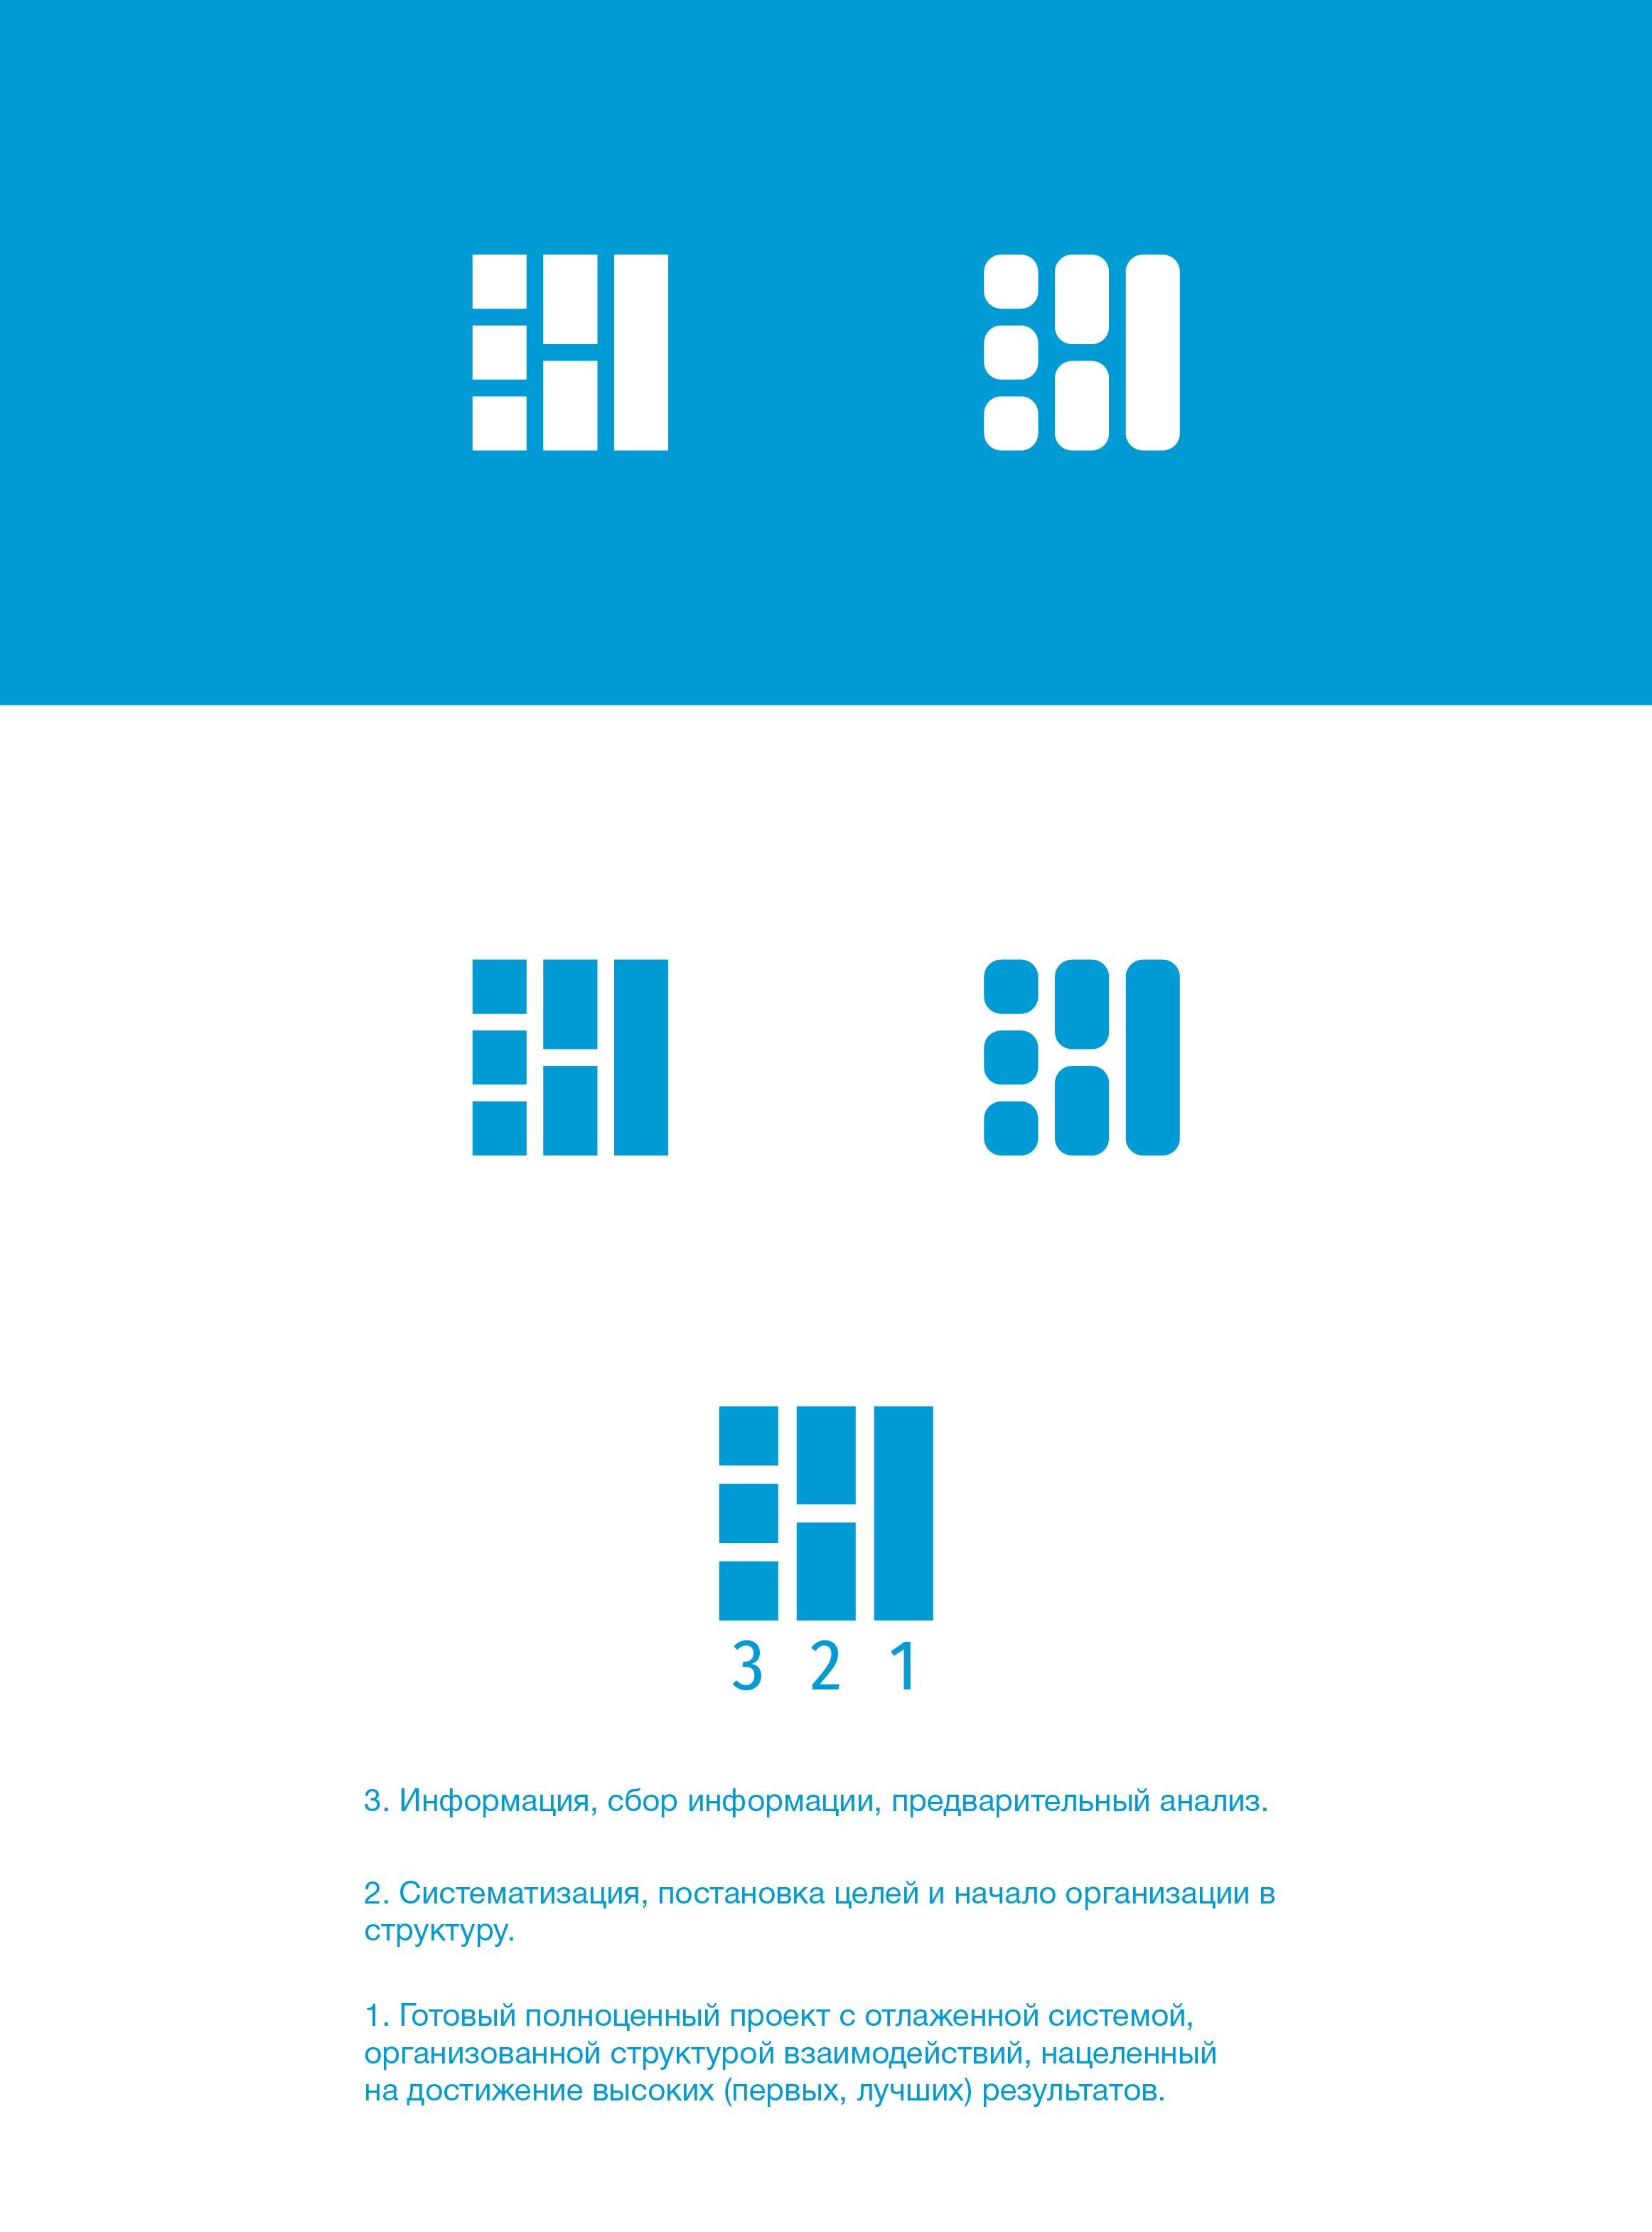 Логотип / иконка сервиса управления проектами / задачами фото f_24859770c5f668f8.jpg